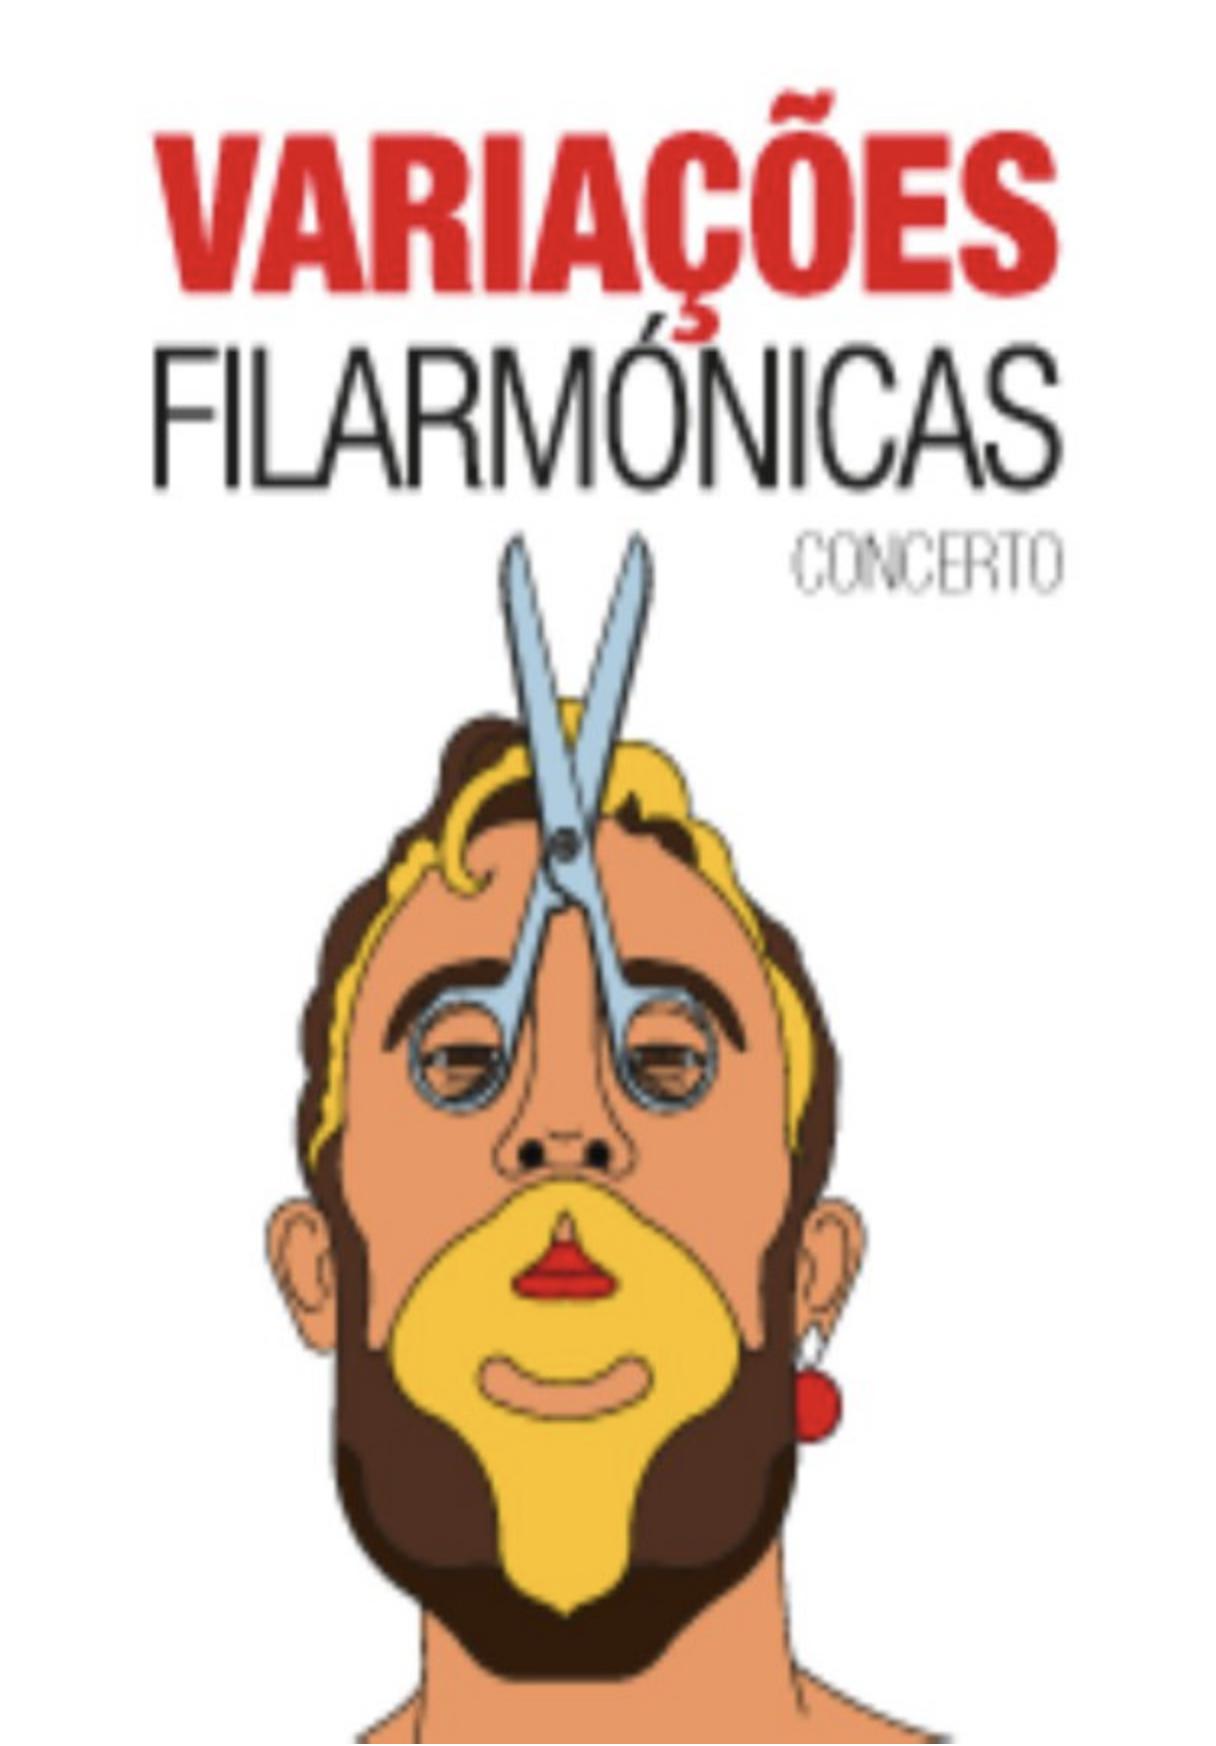 VARIAÇÕES FILARMÓNICAS CONCERTO